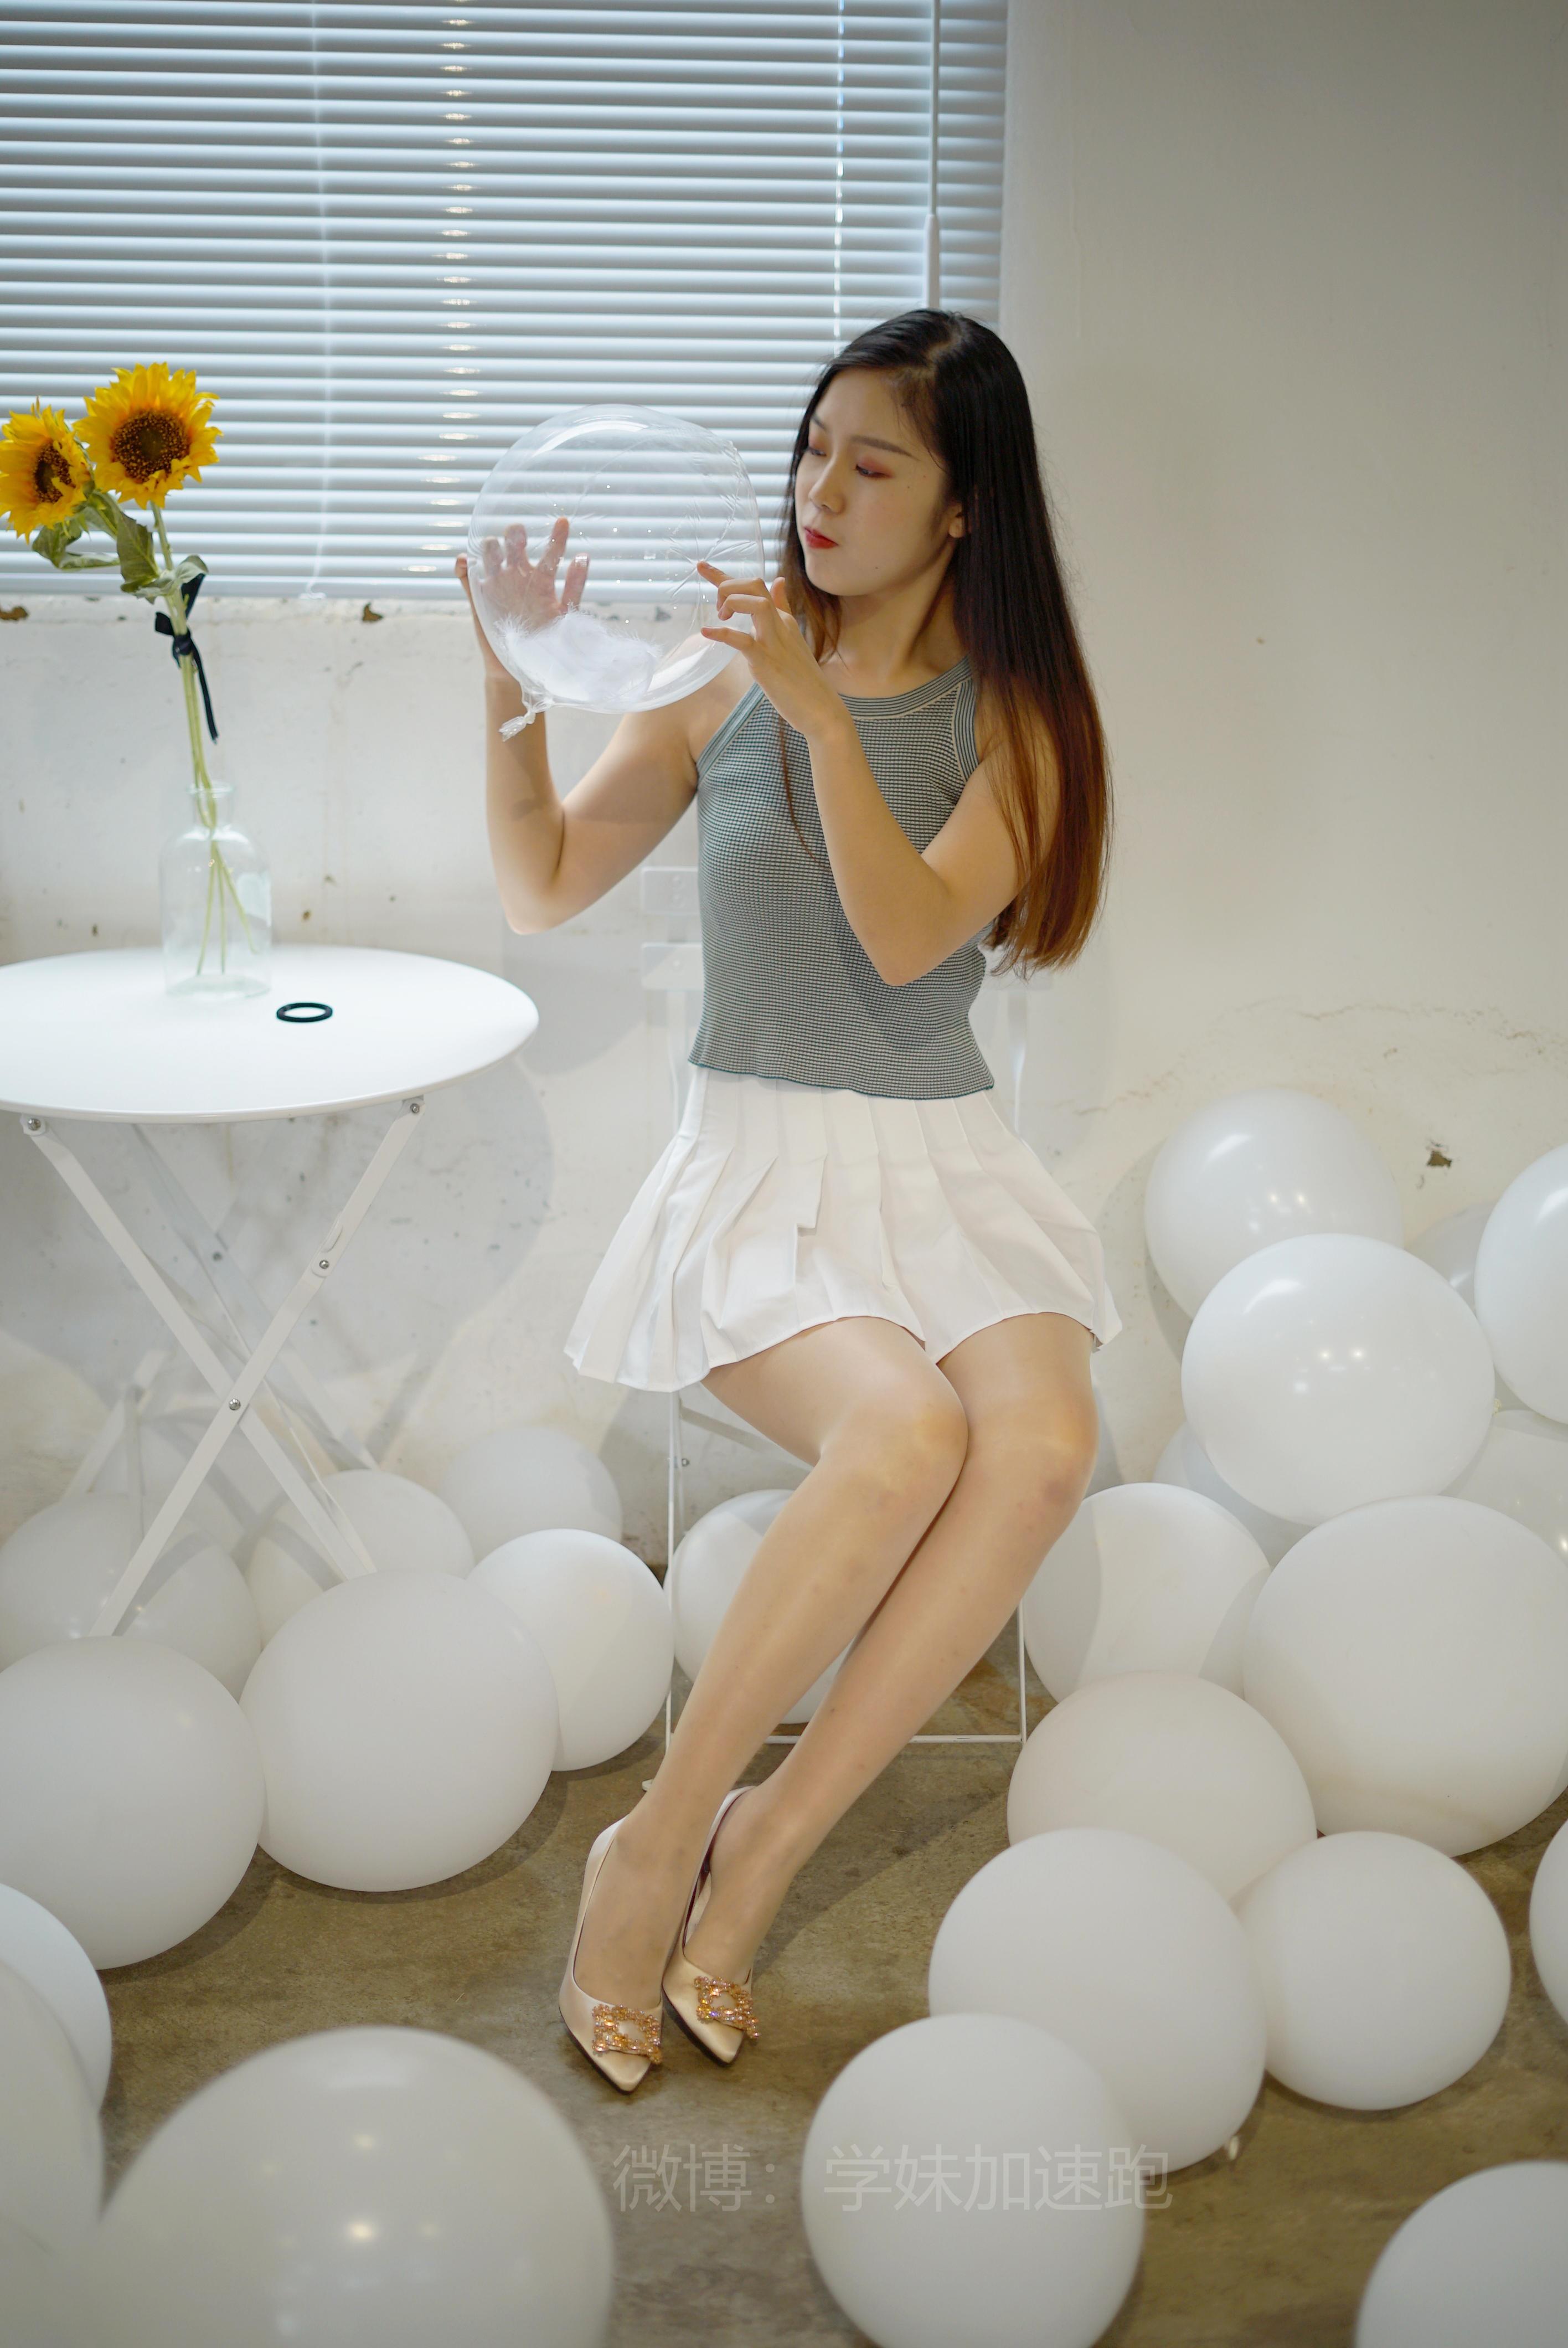 [学妹加速跑]XM010 《小冉学妹1》灰色背心与白色短裙加肉丝美腿性感私房写真集,